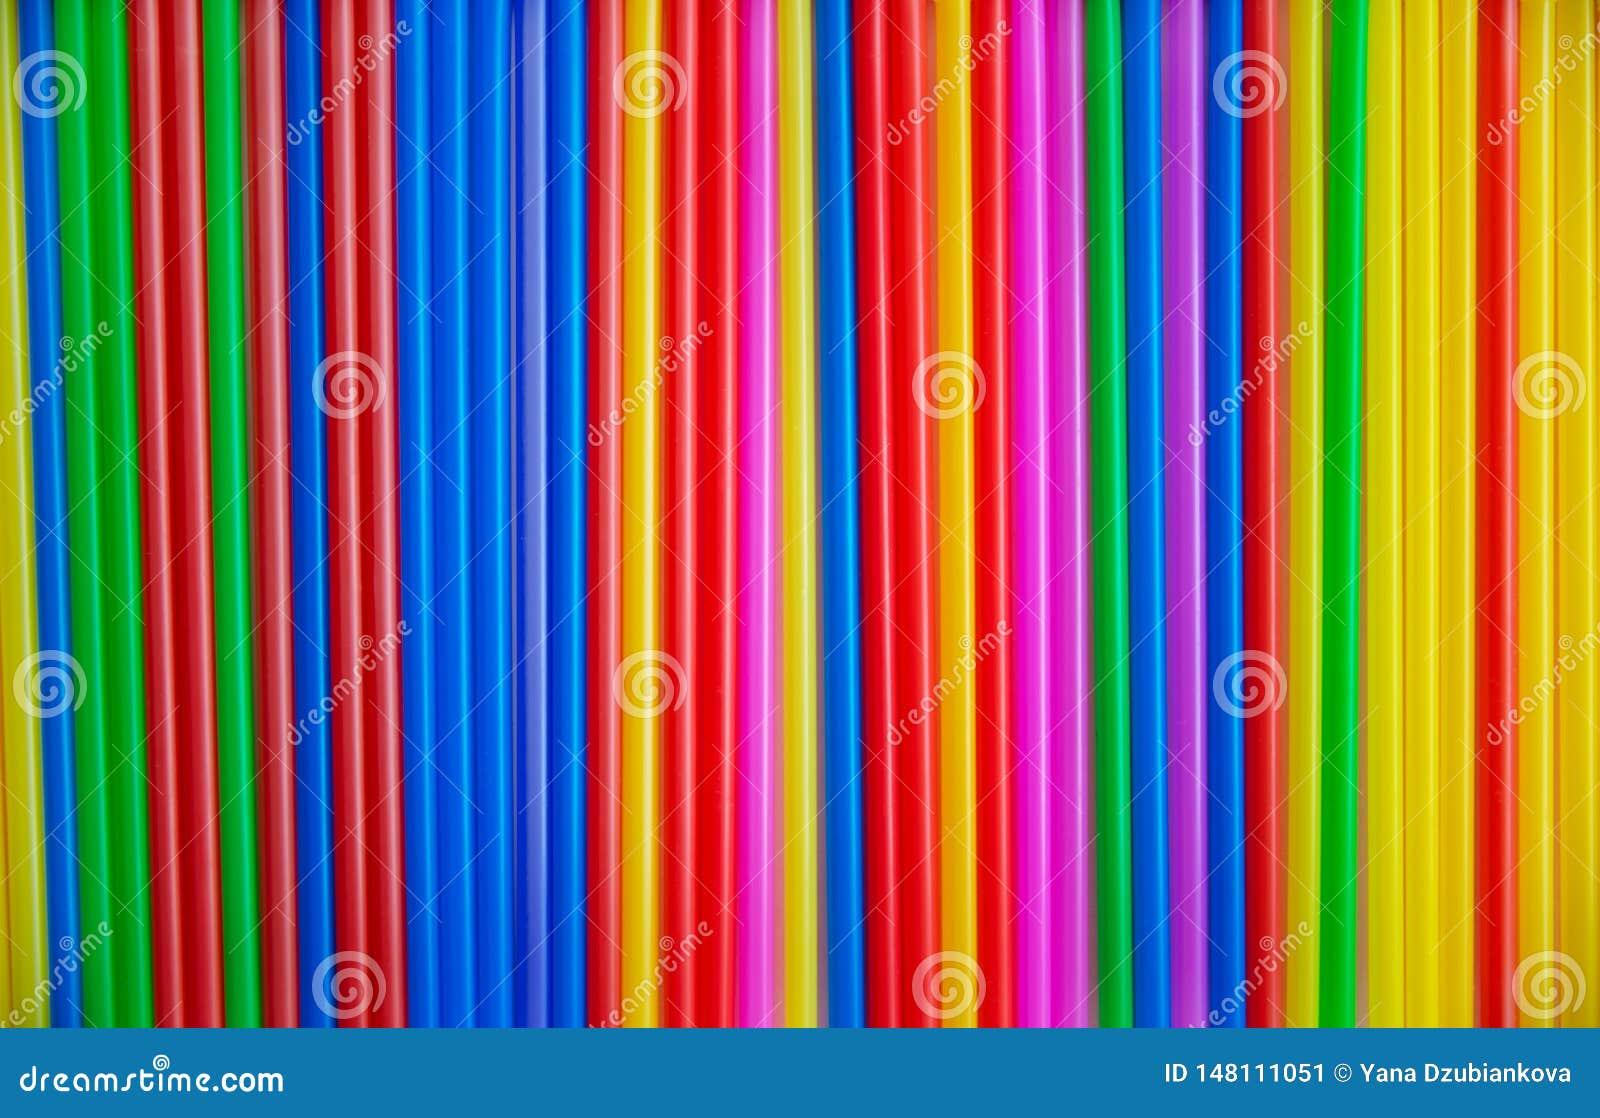 Muitos tubos coloridos para uma c?pia do cocktail Material pl?stico, tubula??o pl?stica para o l?quido bebendo Fundo